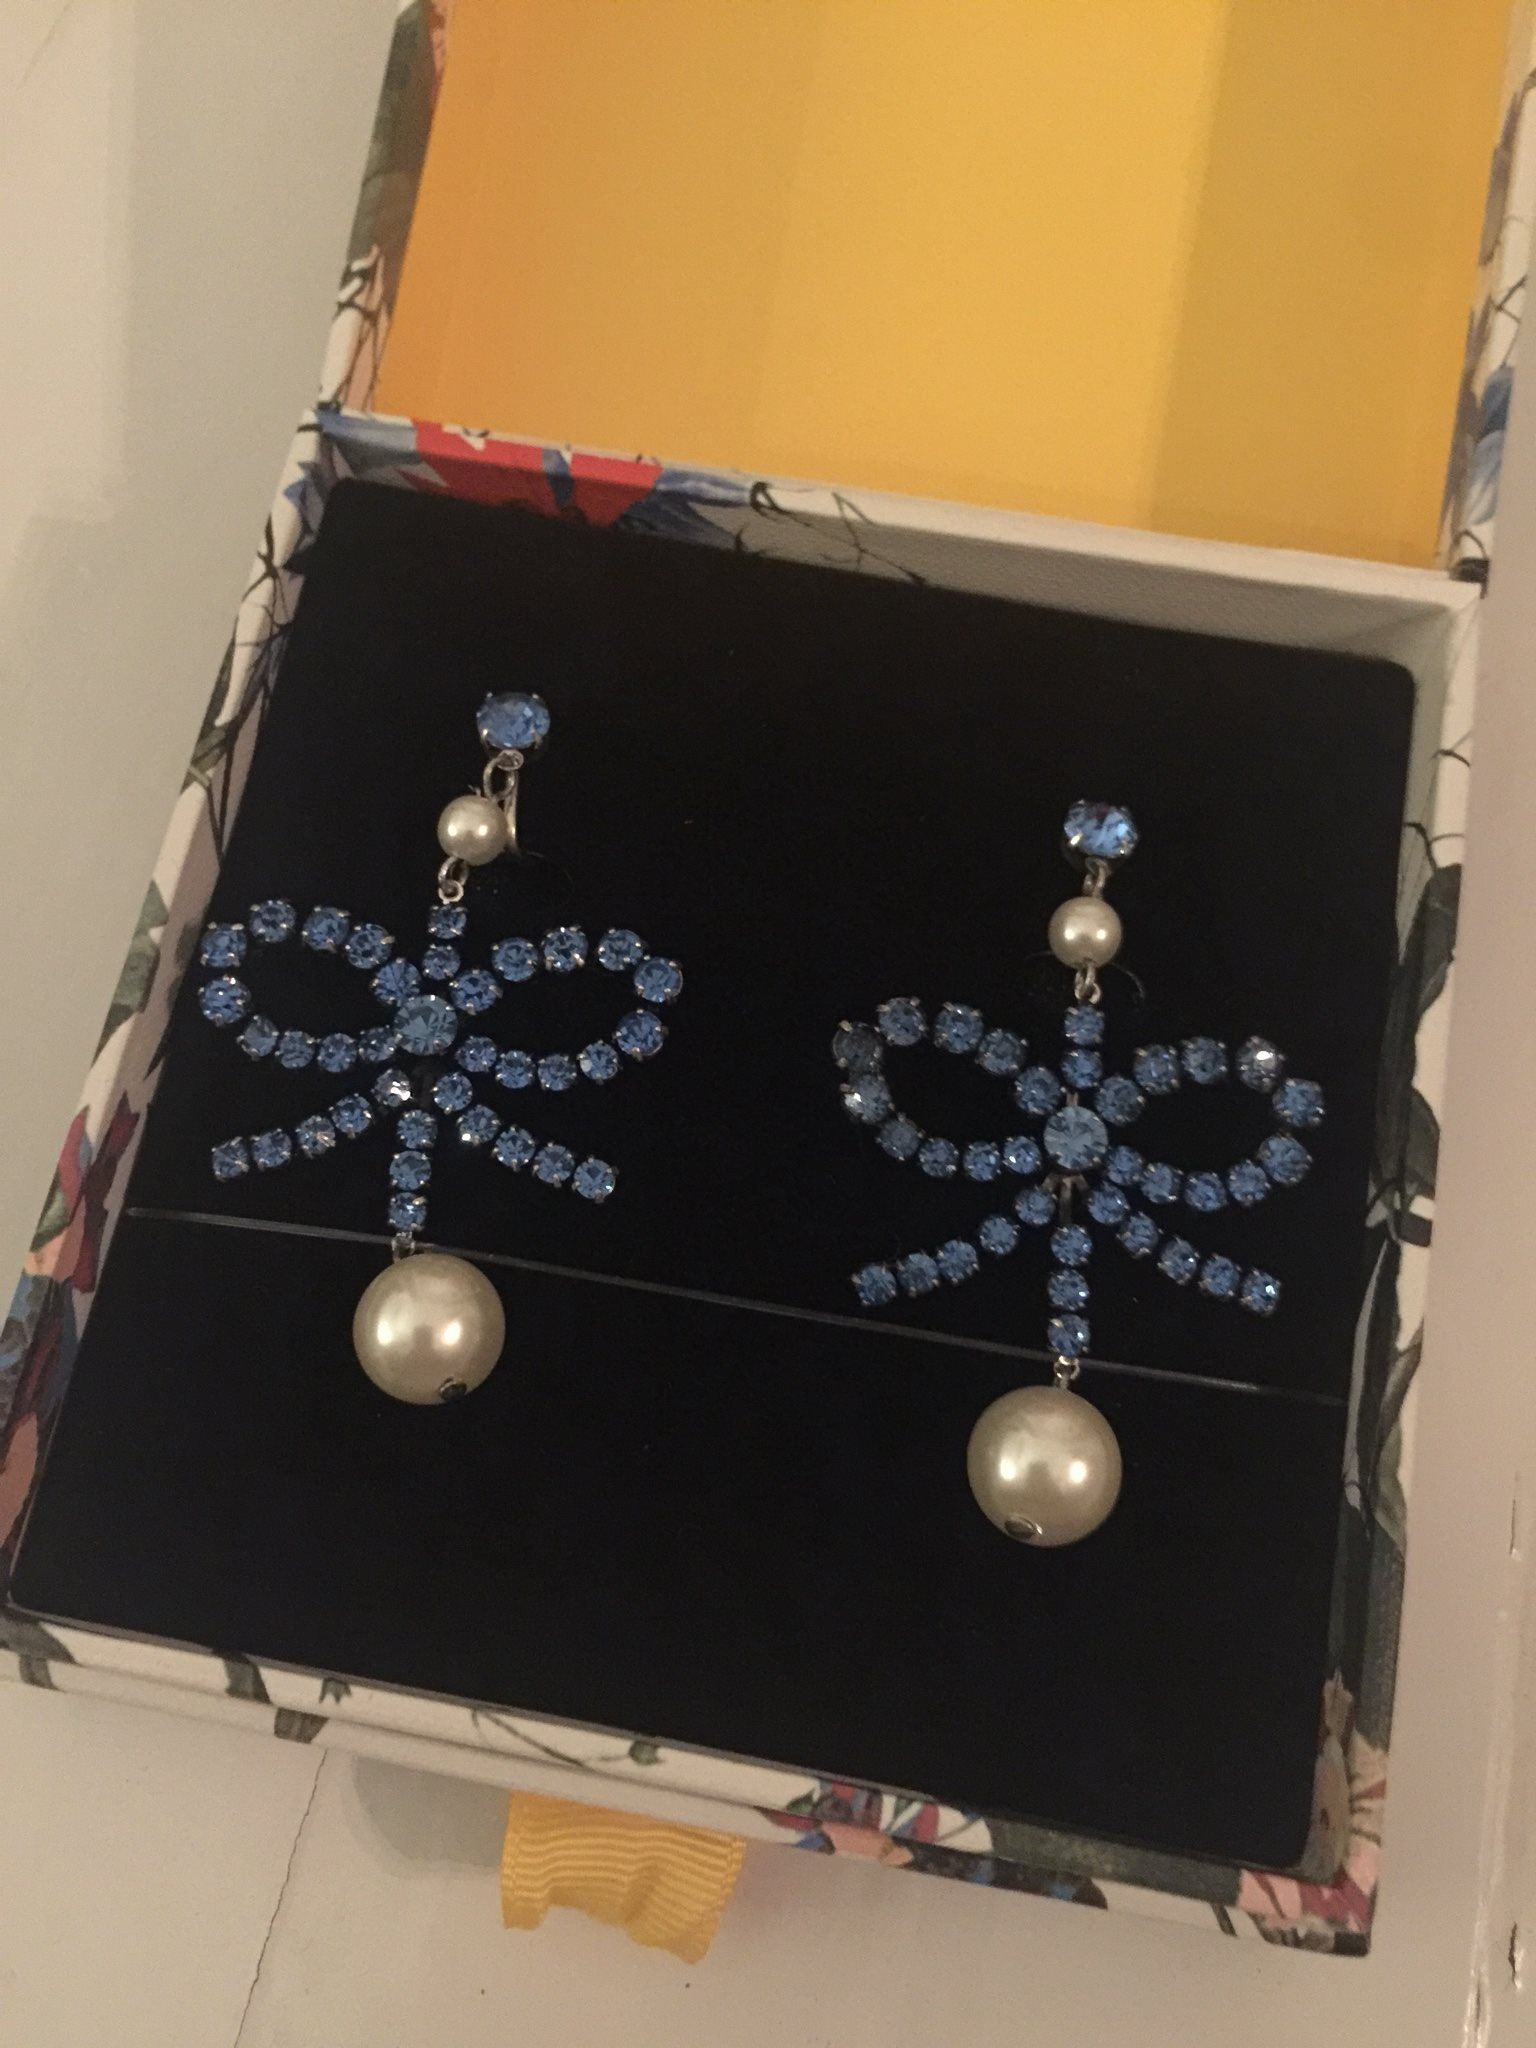 Erdem x H M örhängen clips (337395965) ᐈ Köp på Tradera be1fa3e73a5b2